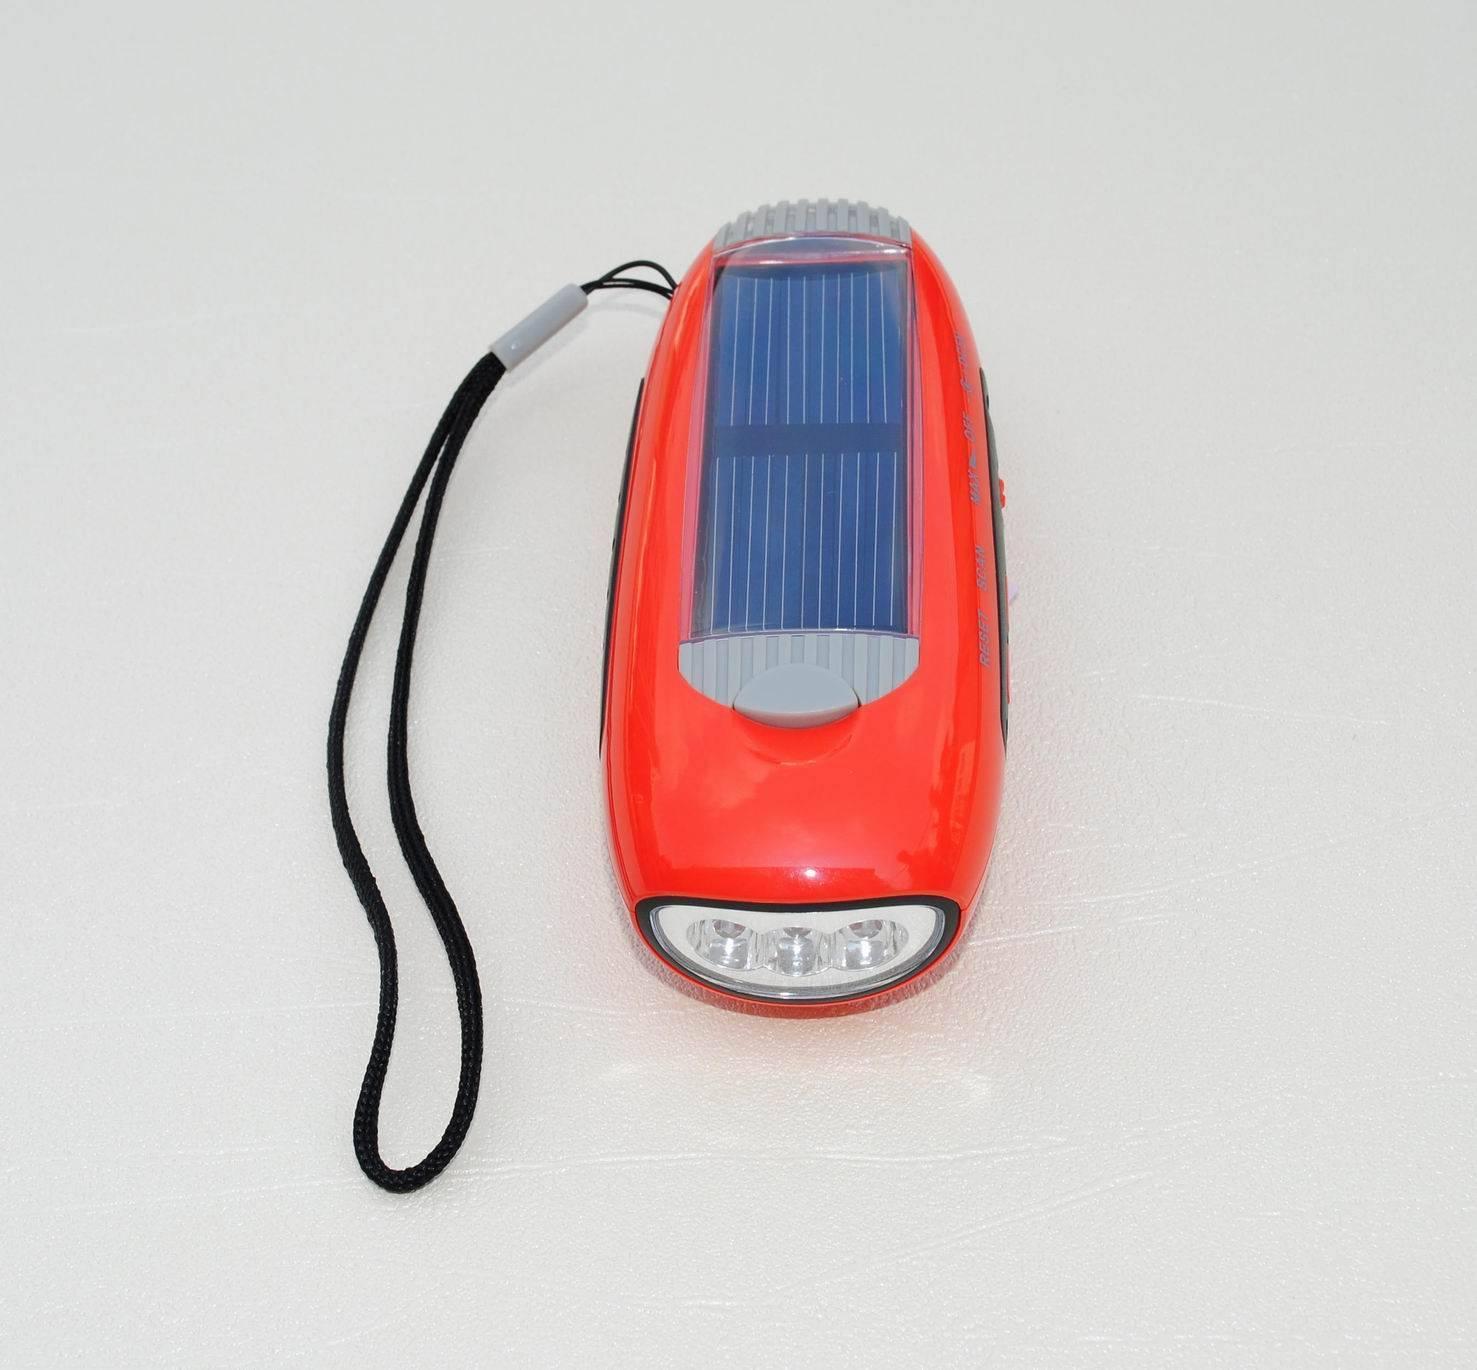 GR-280A Solar Flashlight with FM Radio